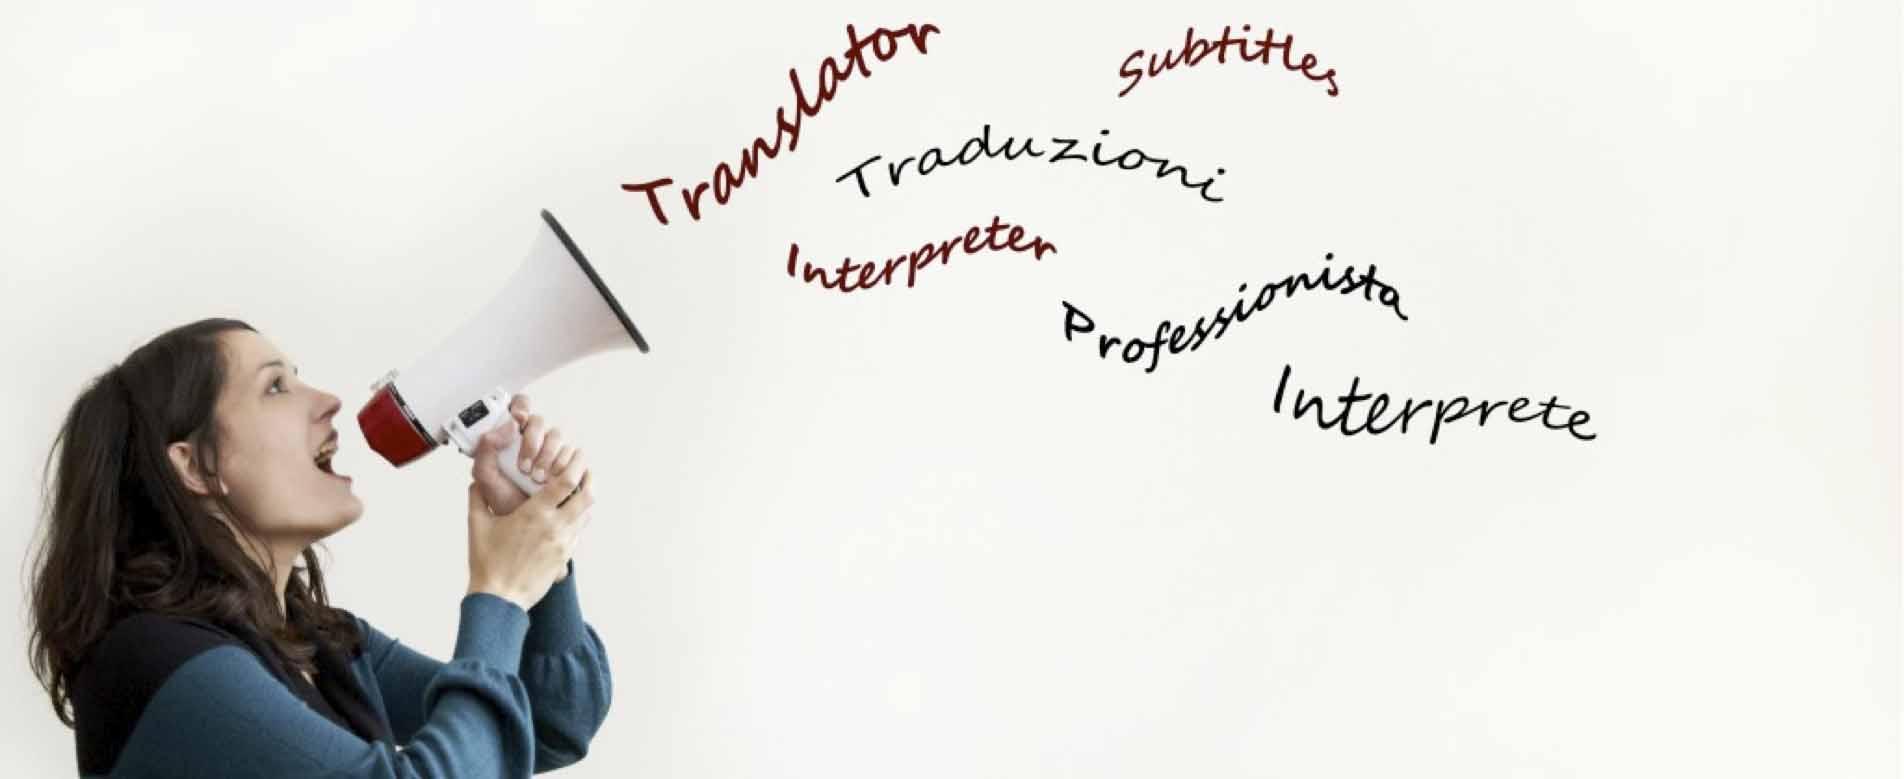 Los servicios de traducción son uno de los que más tienen chance de venderse en dólares